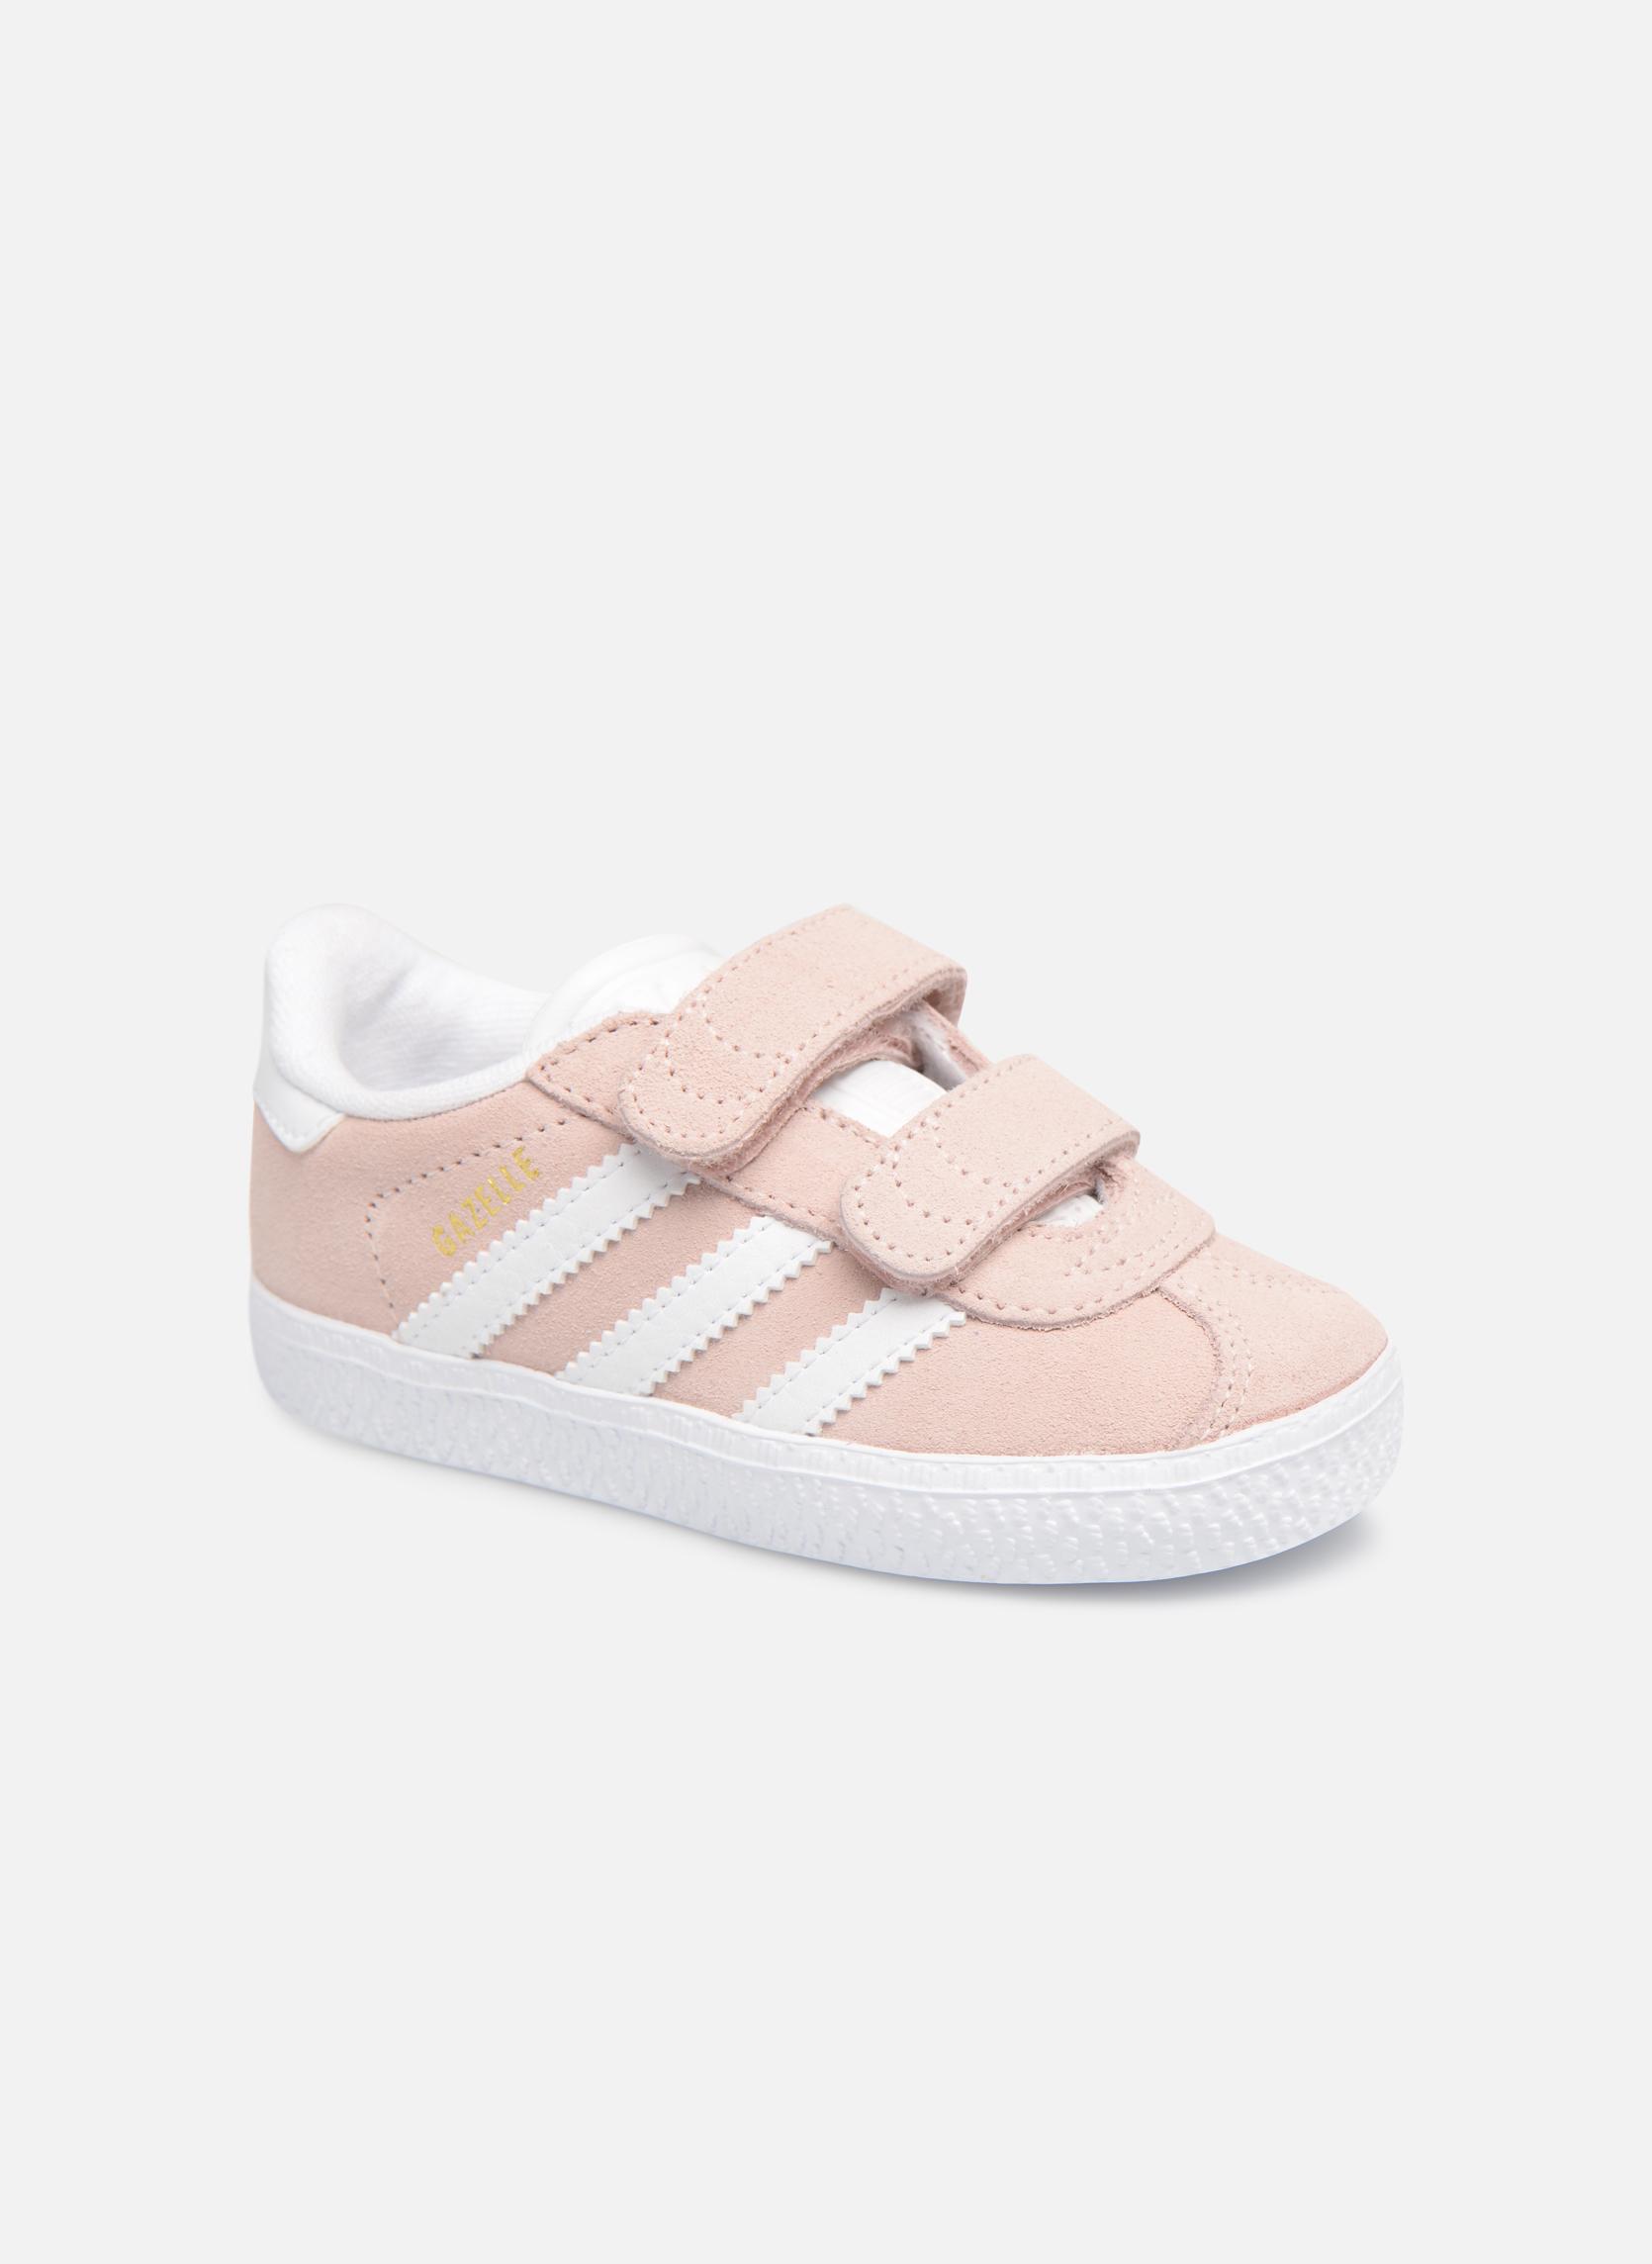 best service c19cb 504a0 ... Sneakers Barn Gazelle Cf I